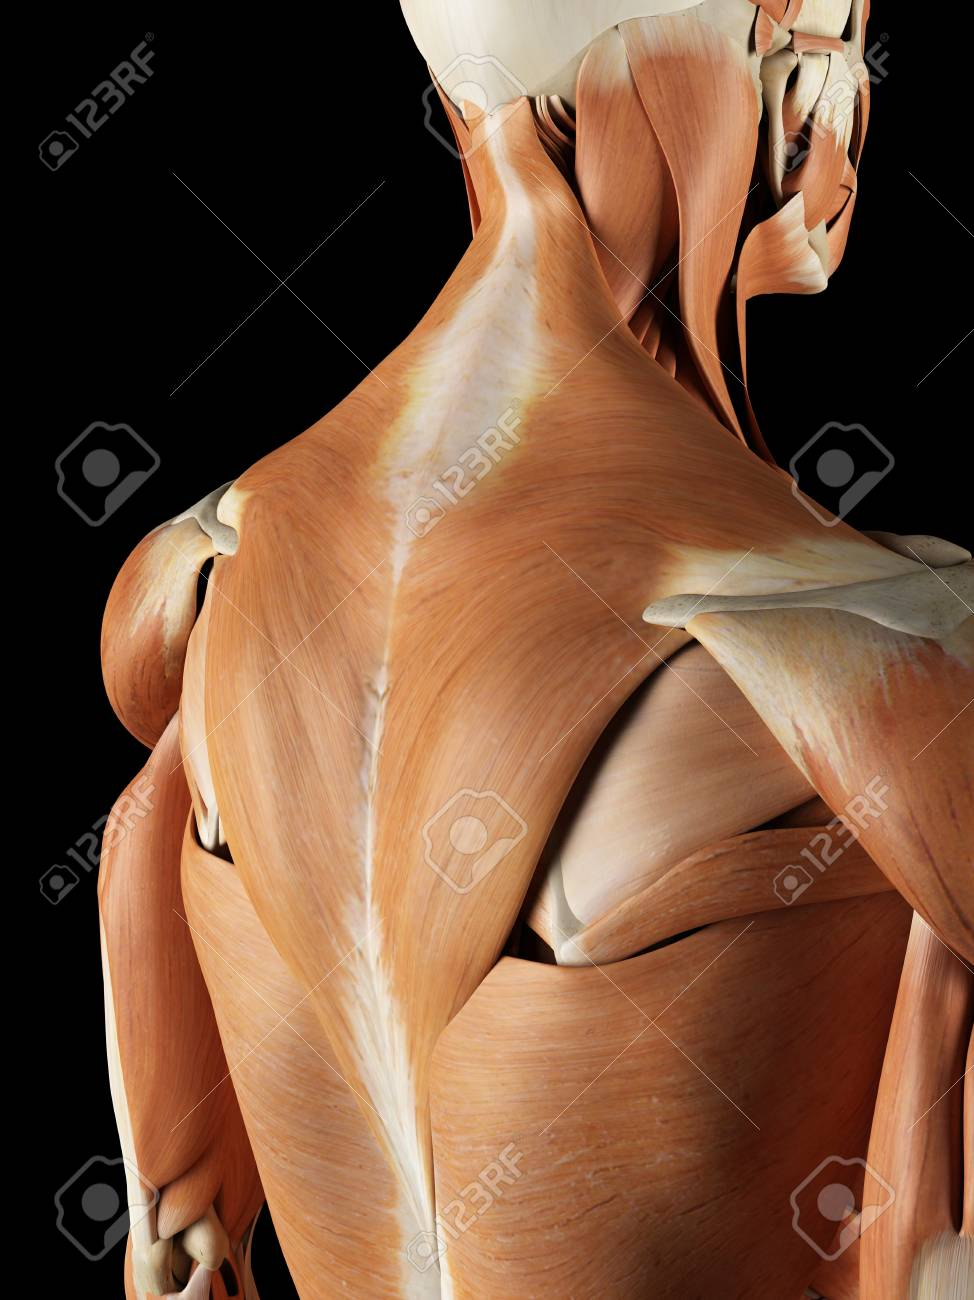 Moderno Músculos De La Espalda Diagrama De La Anatomía Cresta ...